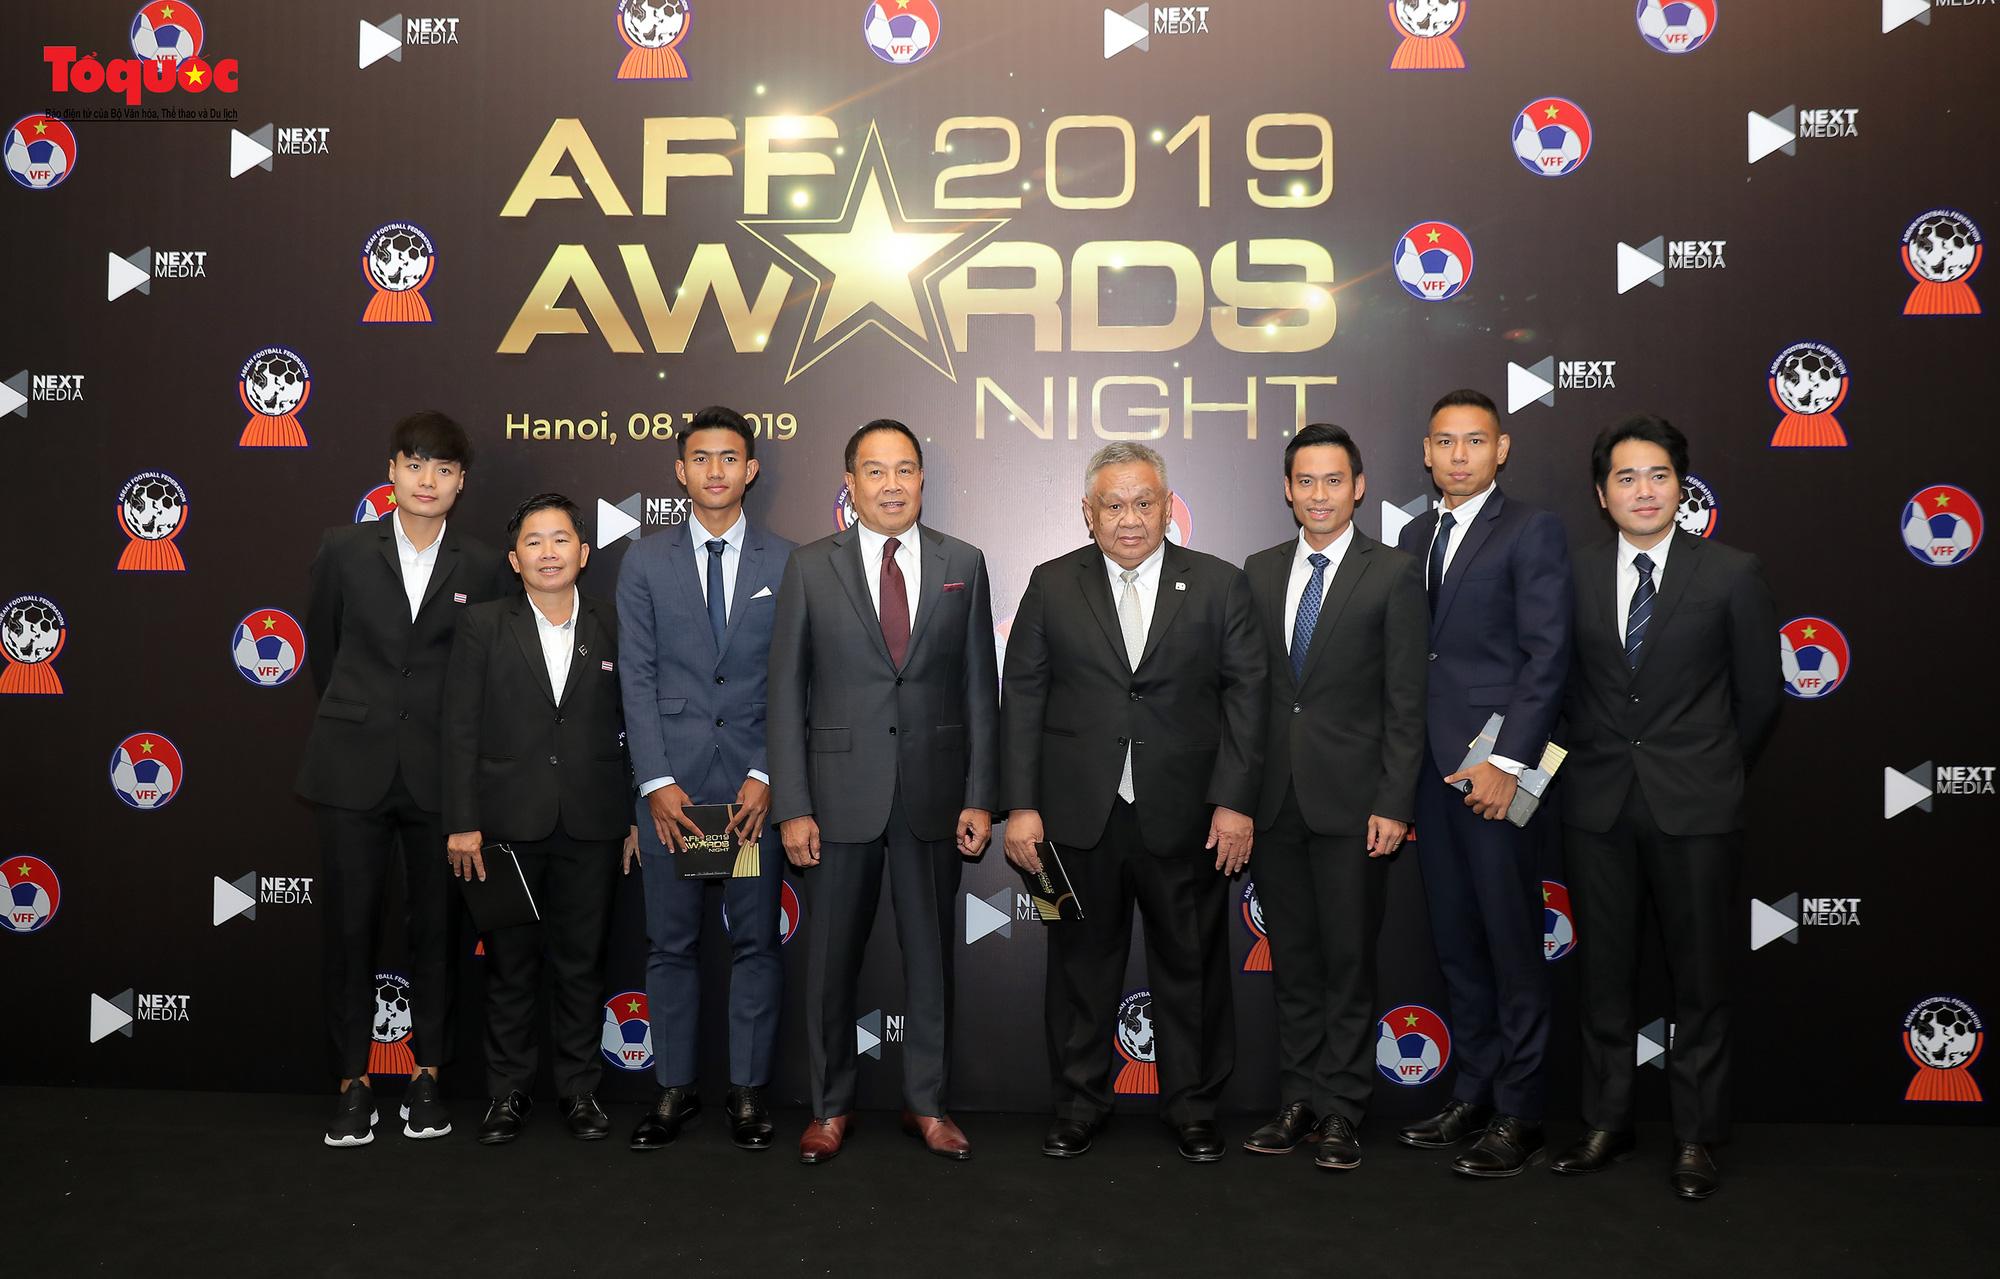 Toàn cảnh đêm vinh danh bóng đá Đông Nam Á- AFF Awards 2019 - Ảnh 5.